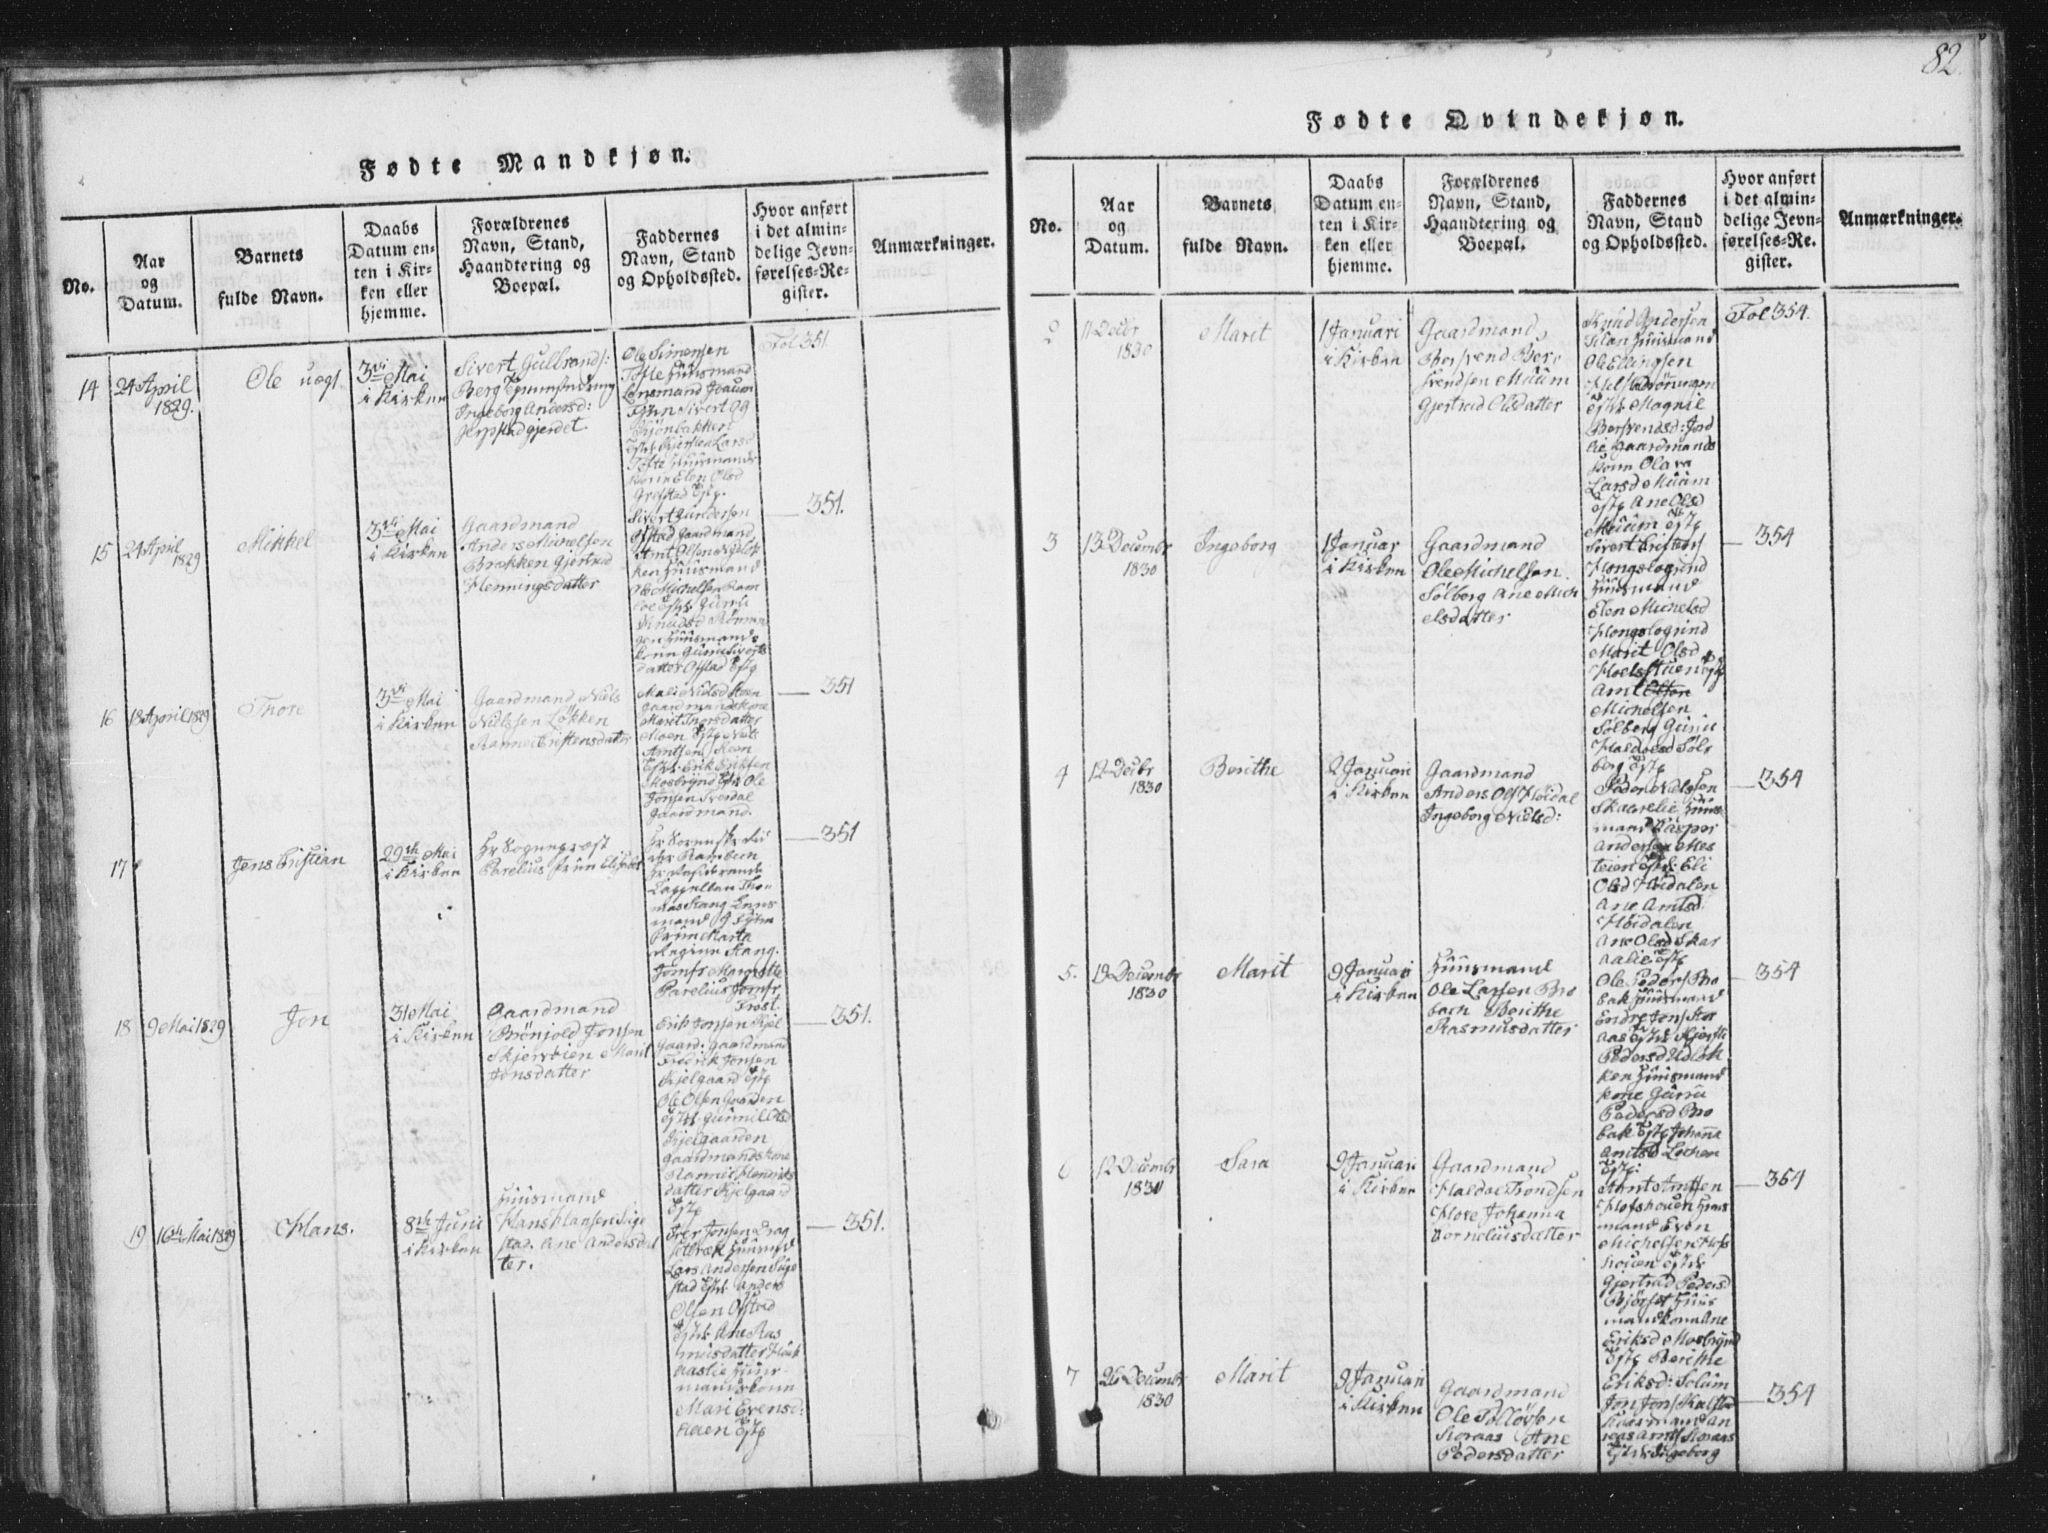 SAT, Ministerialprotokoller, klokkerbøker og fødselsregistre - Sør-Trøndelag, 672/L0862: Klokkerbok nr. 672C01, 1816-1831, s. 82